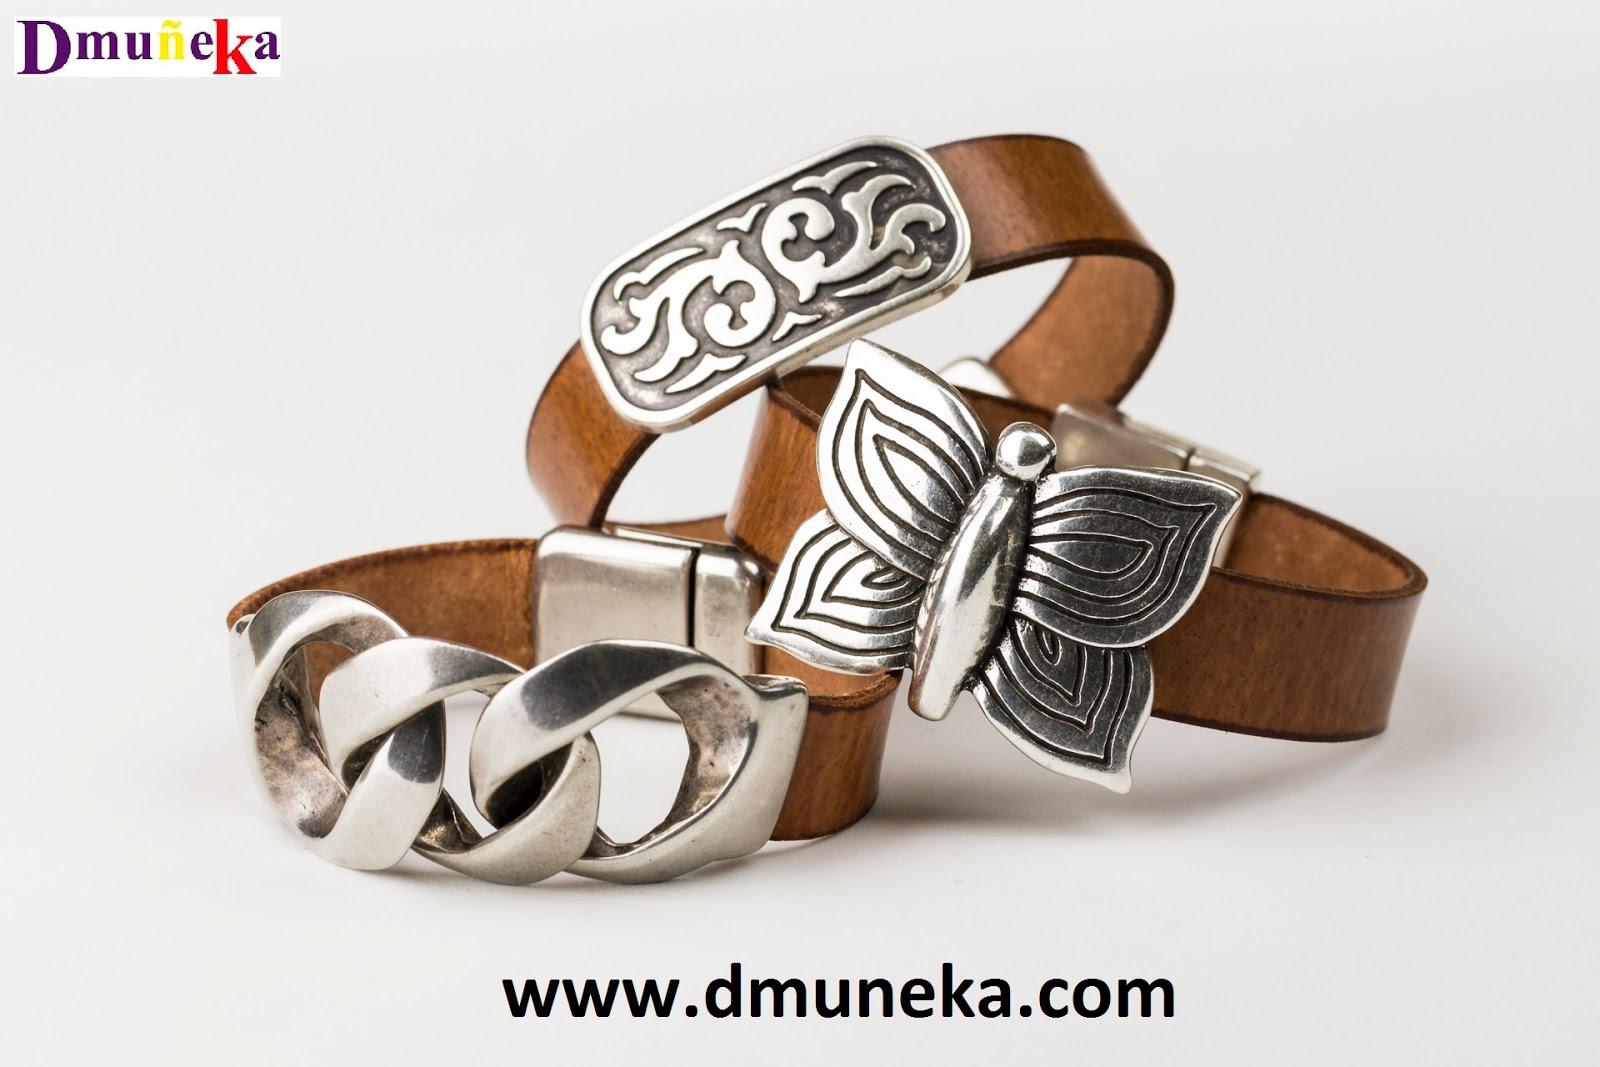 La tienda online de Dmuñeka